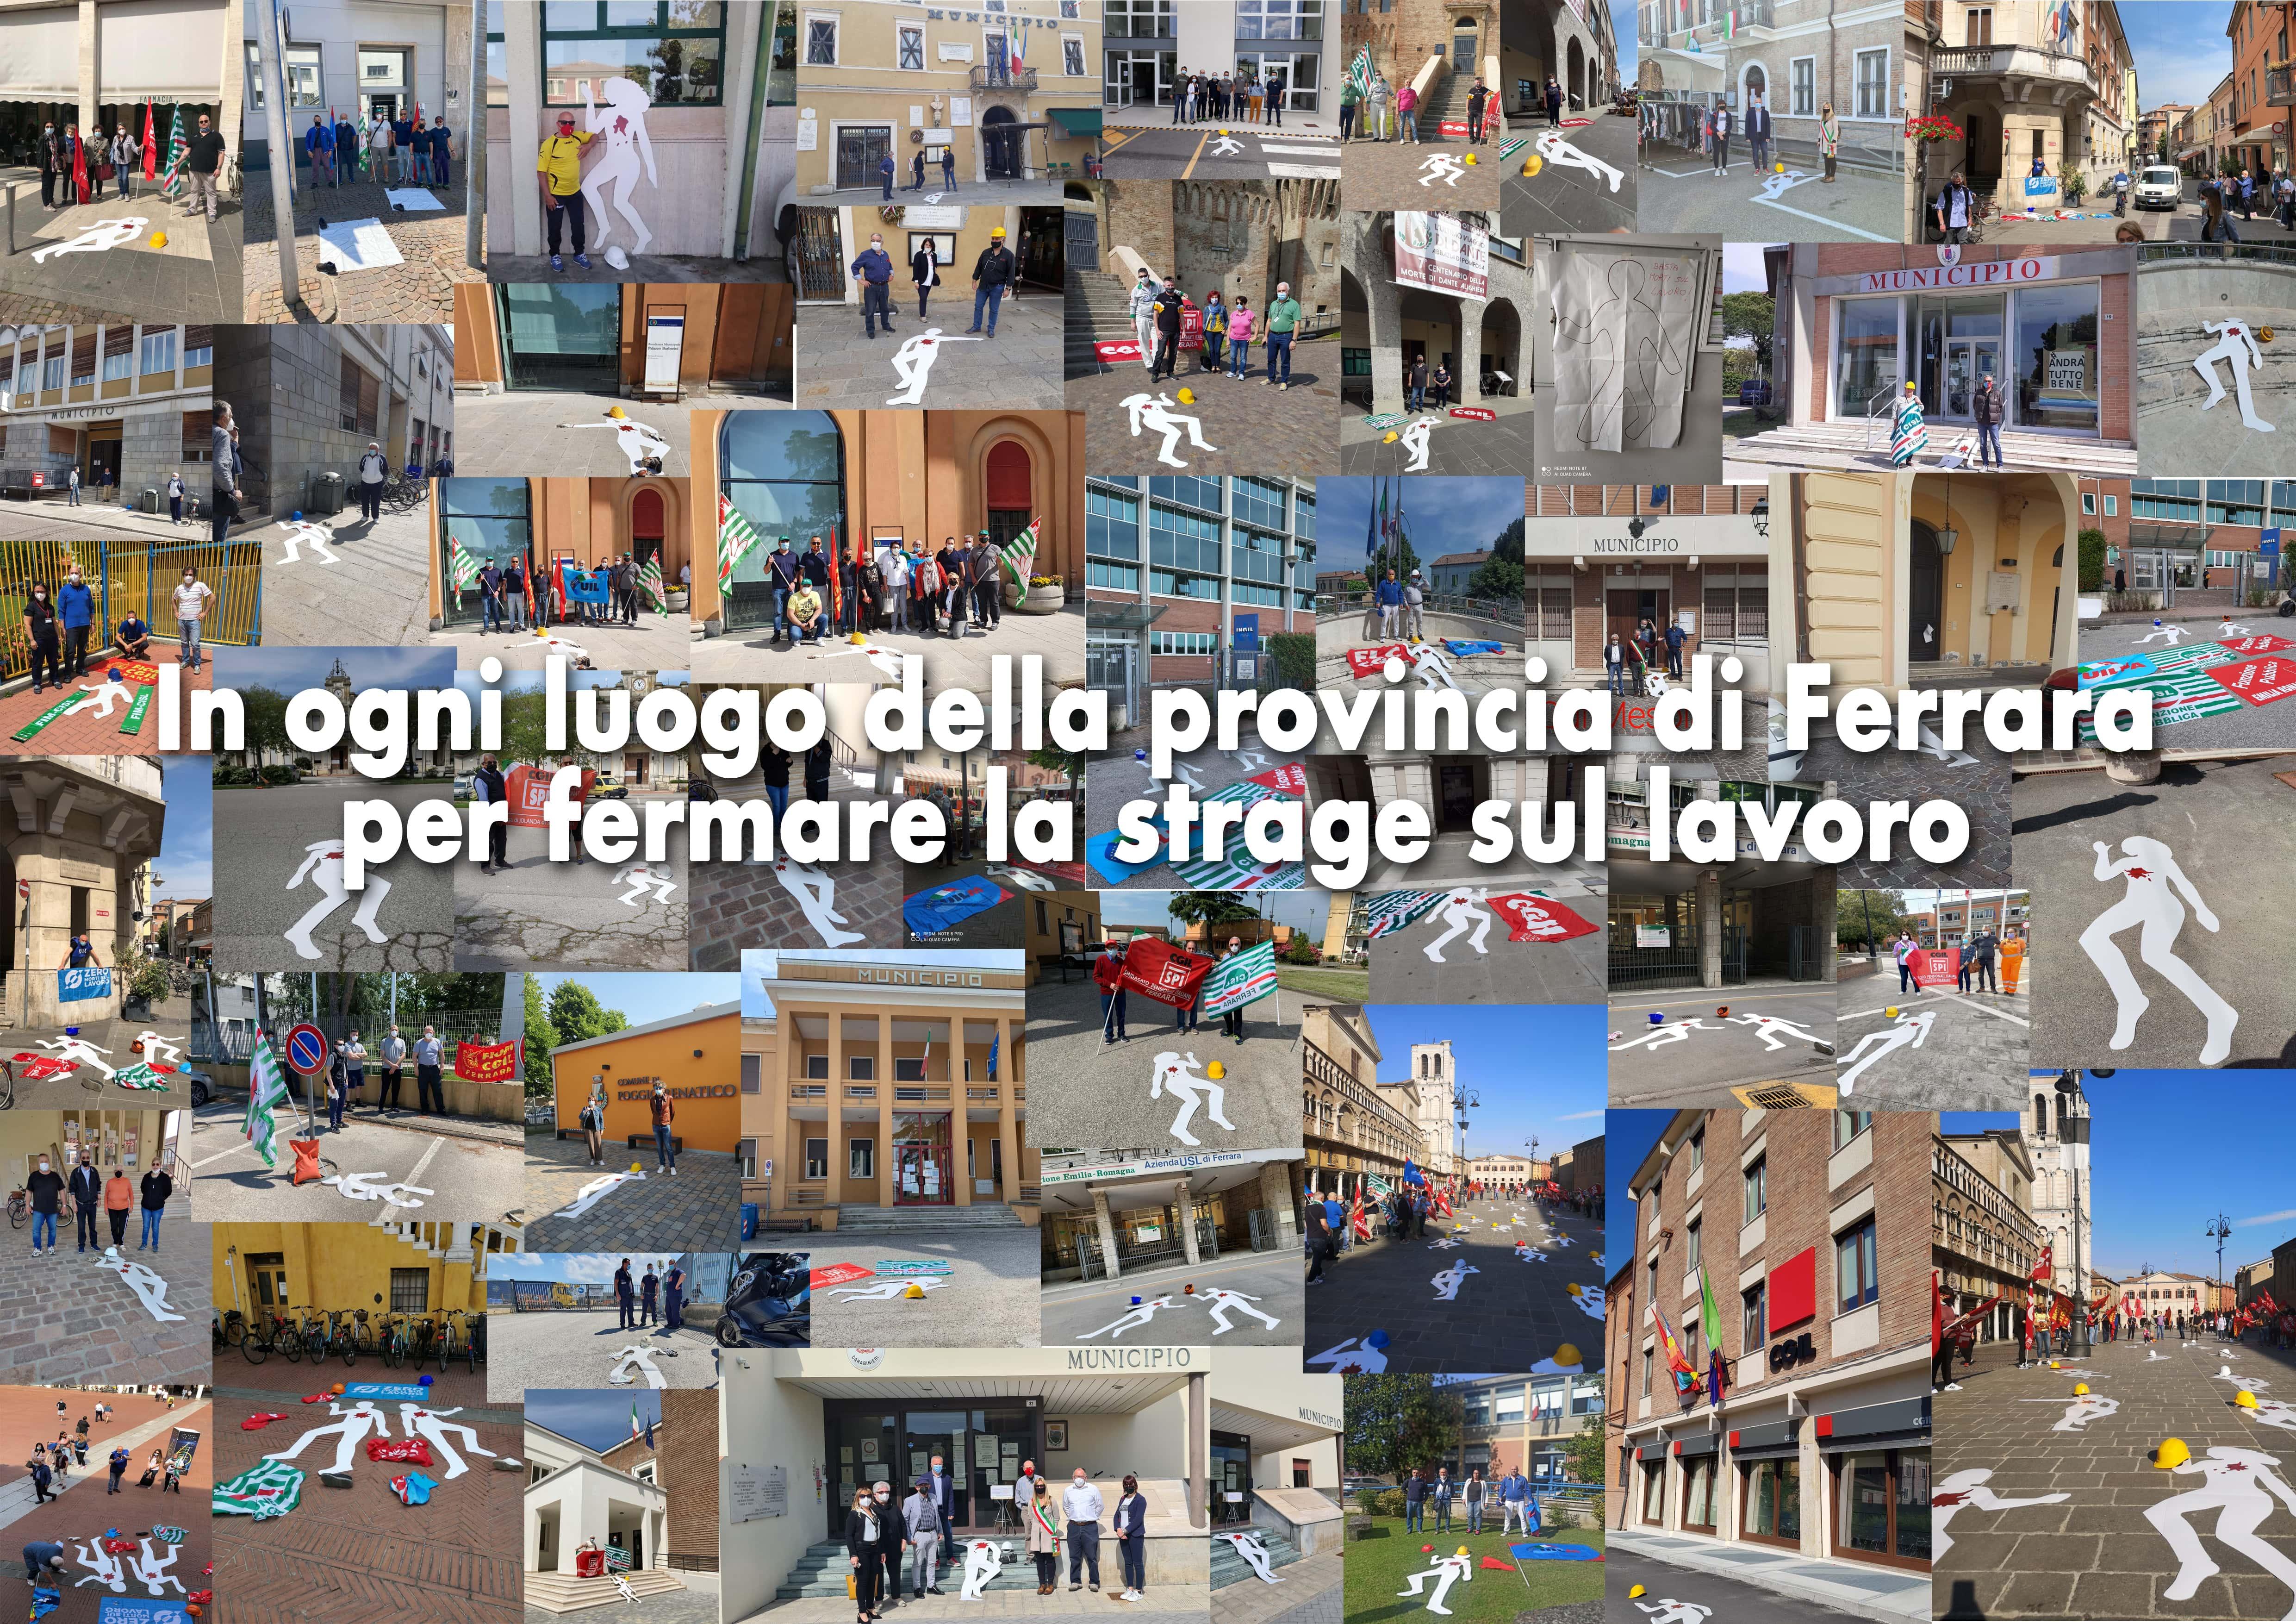 In ogni luogo della provincia di Ferrara per fermare la strage sul lavoro